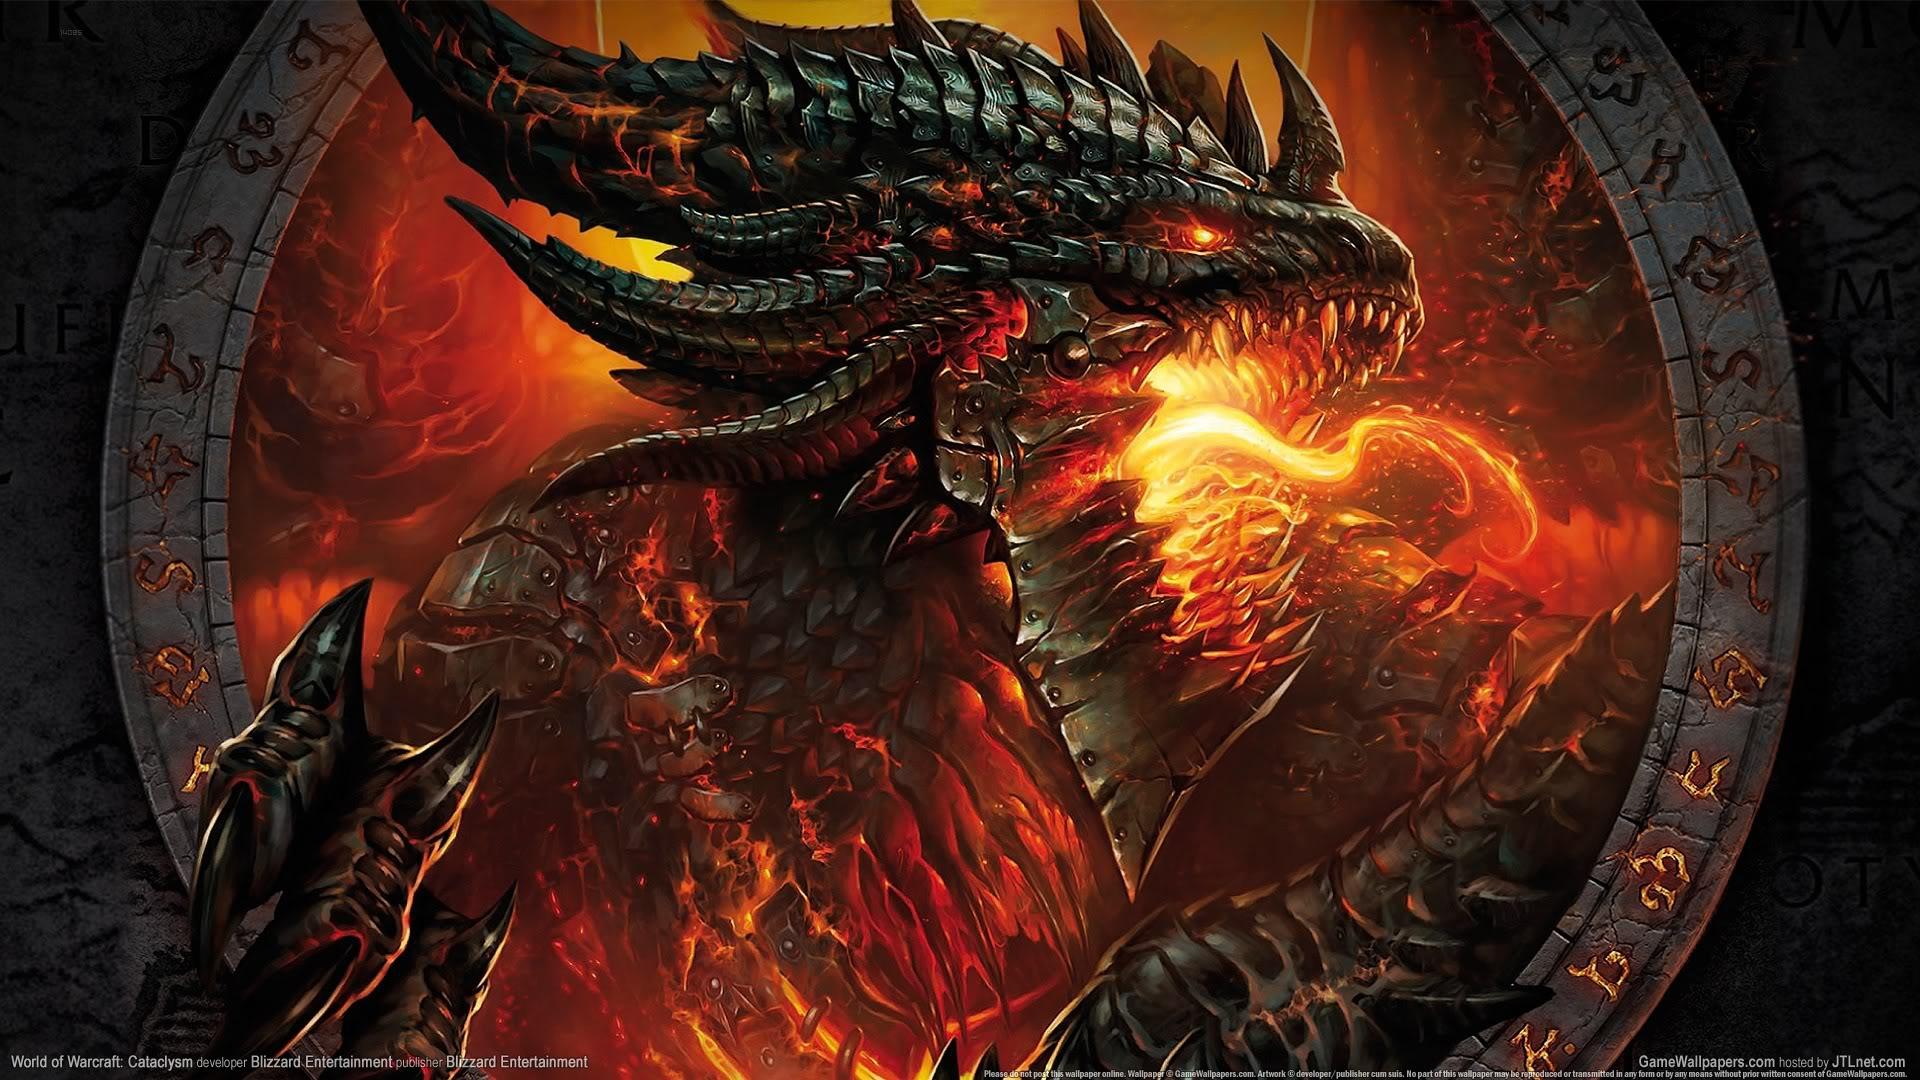 World Of Warcraft Cataclysm HD Wallpaper 1641 Wallpaper 1920x1080